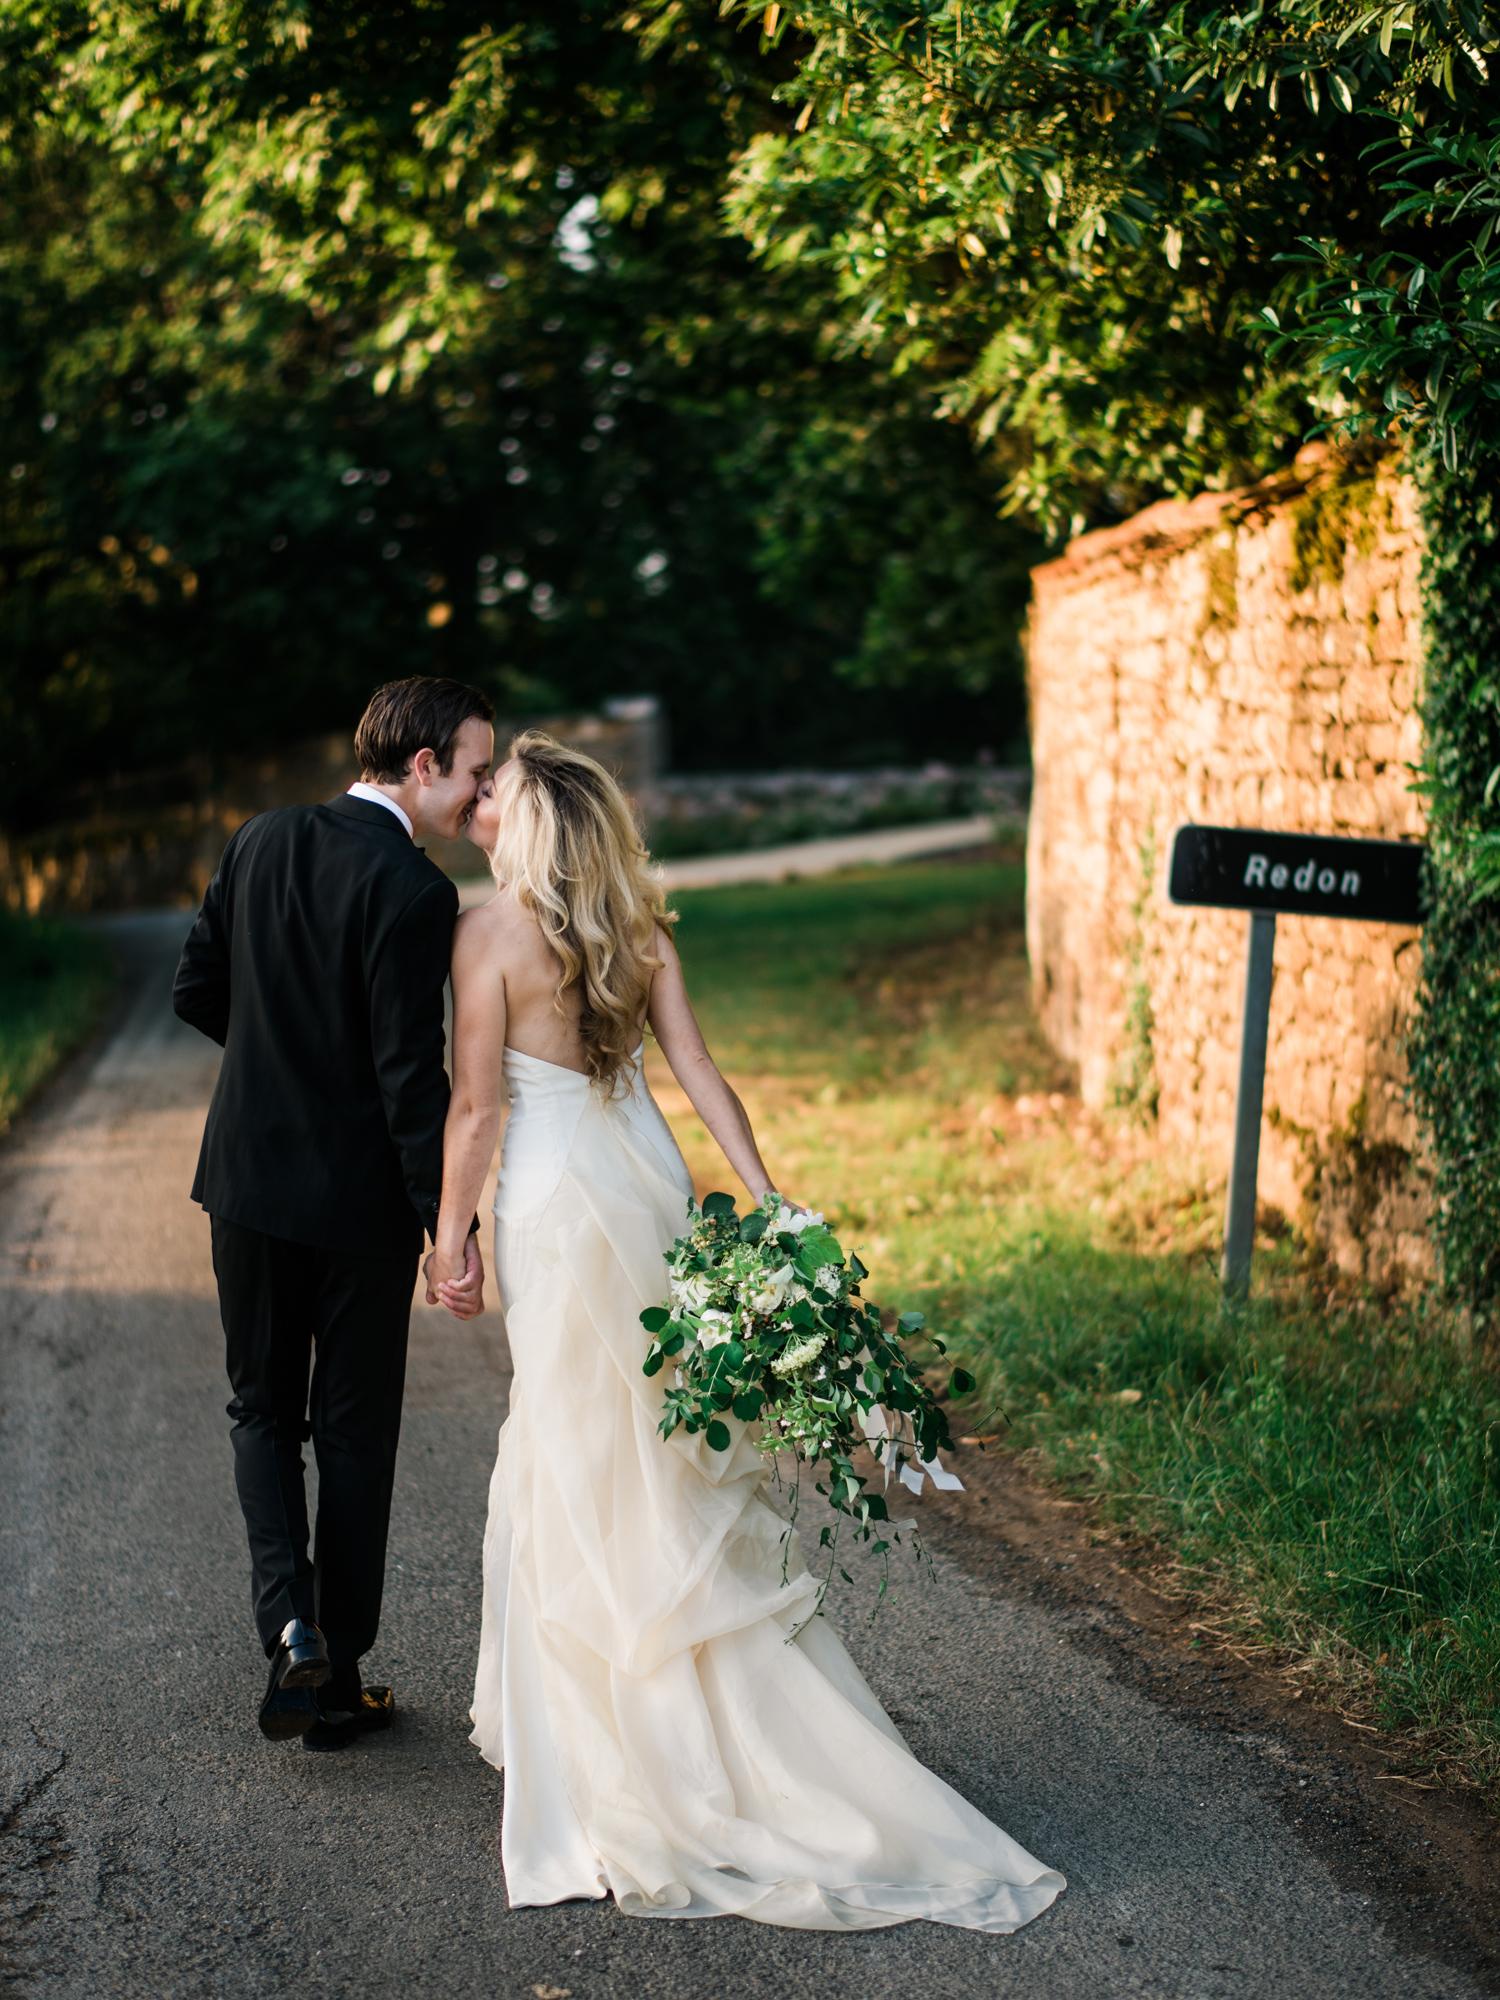 102-french-chateau-destination-wedding-south-france-film-photographer-ryan-flynn.jpg